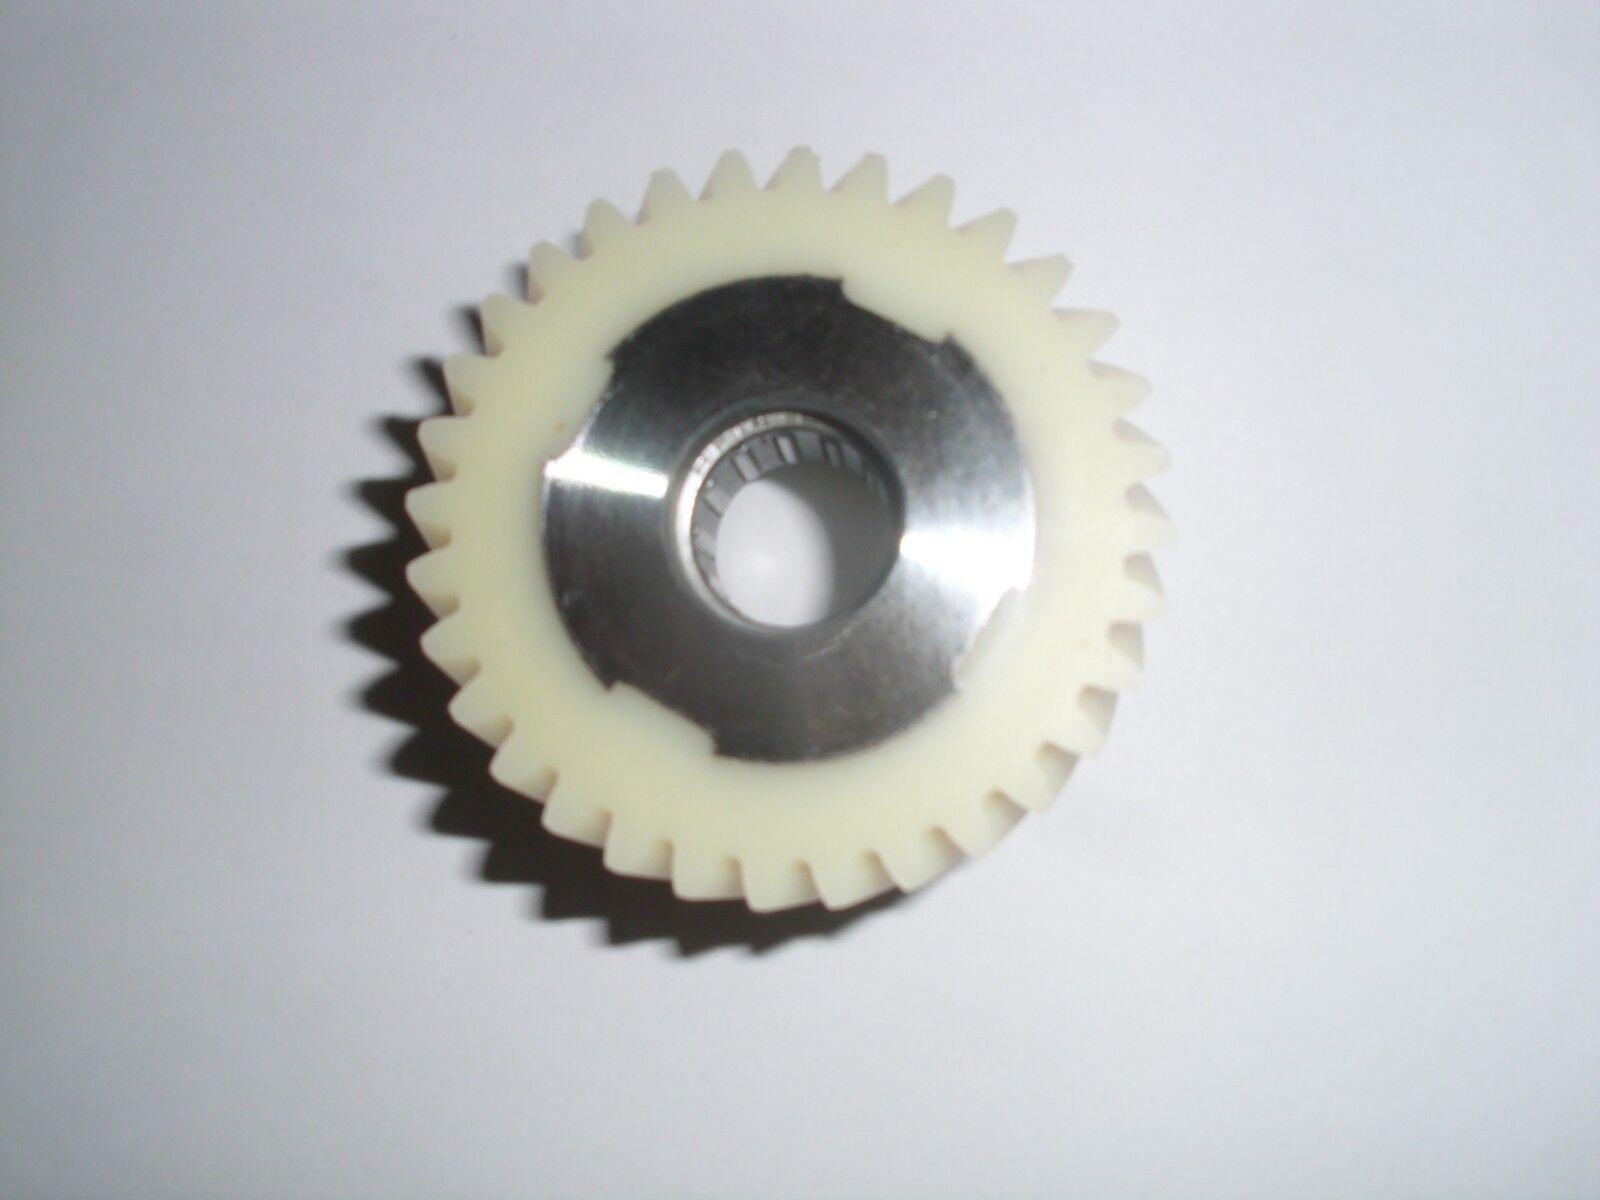 Ersatzzahnrad Bafang nylon getriebe für BBS01 BAFANG mitte antriebsmotor